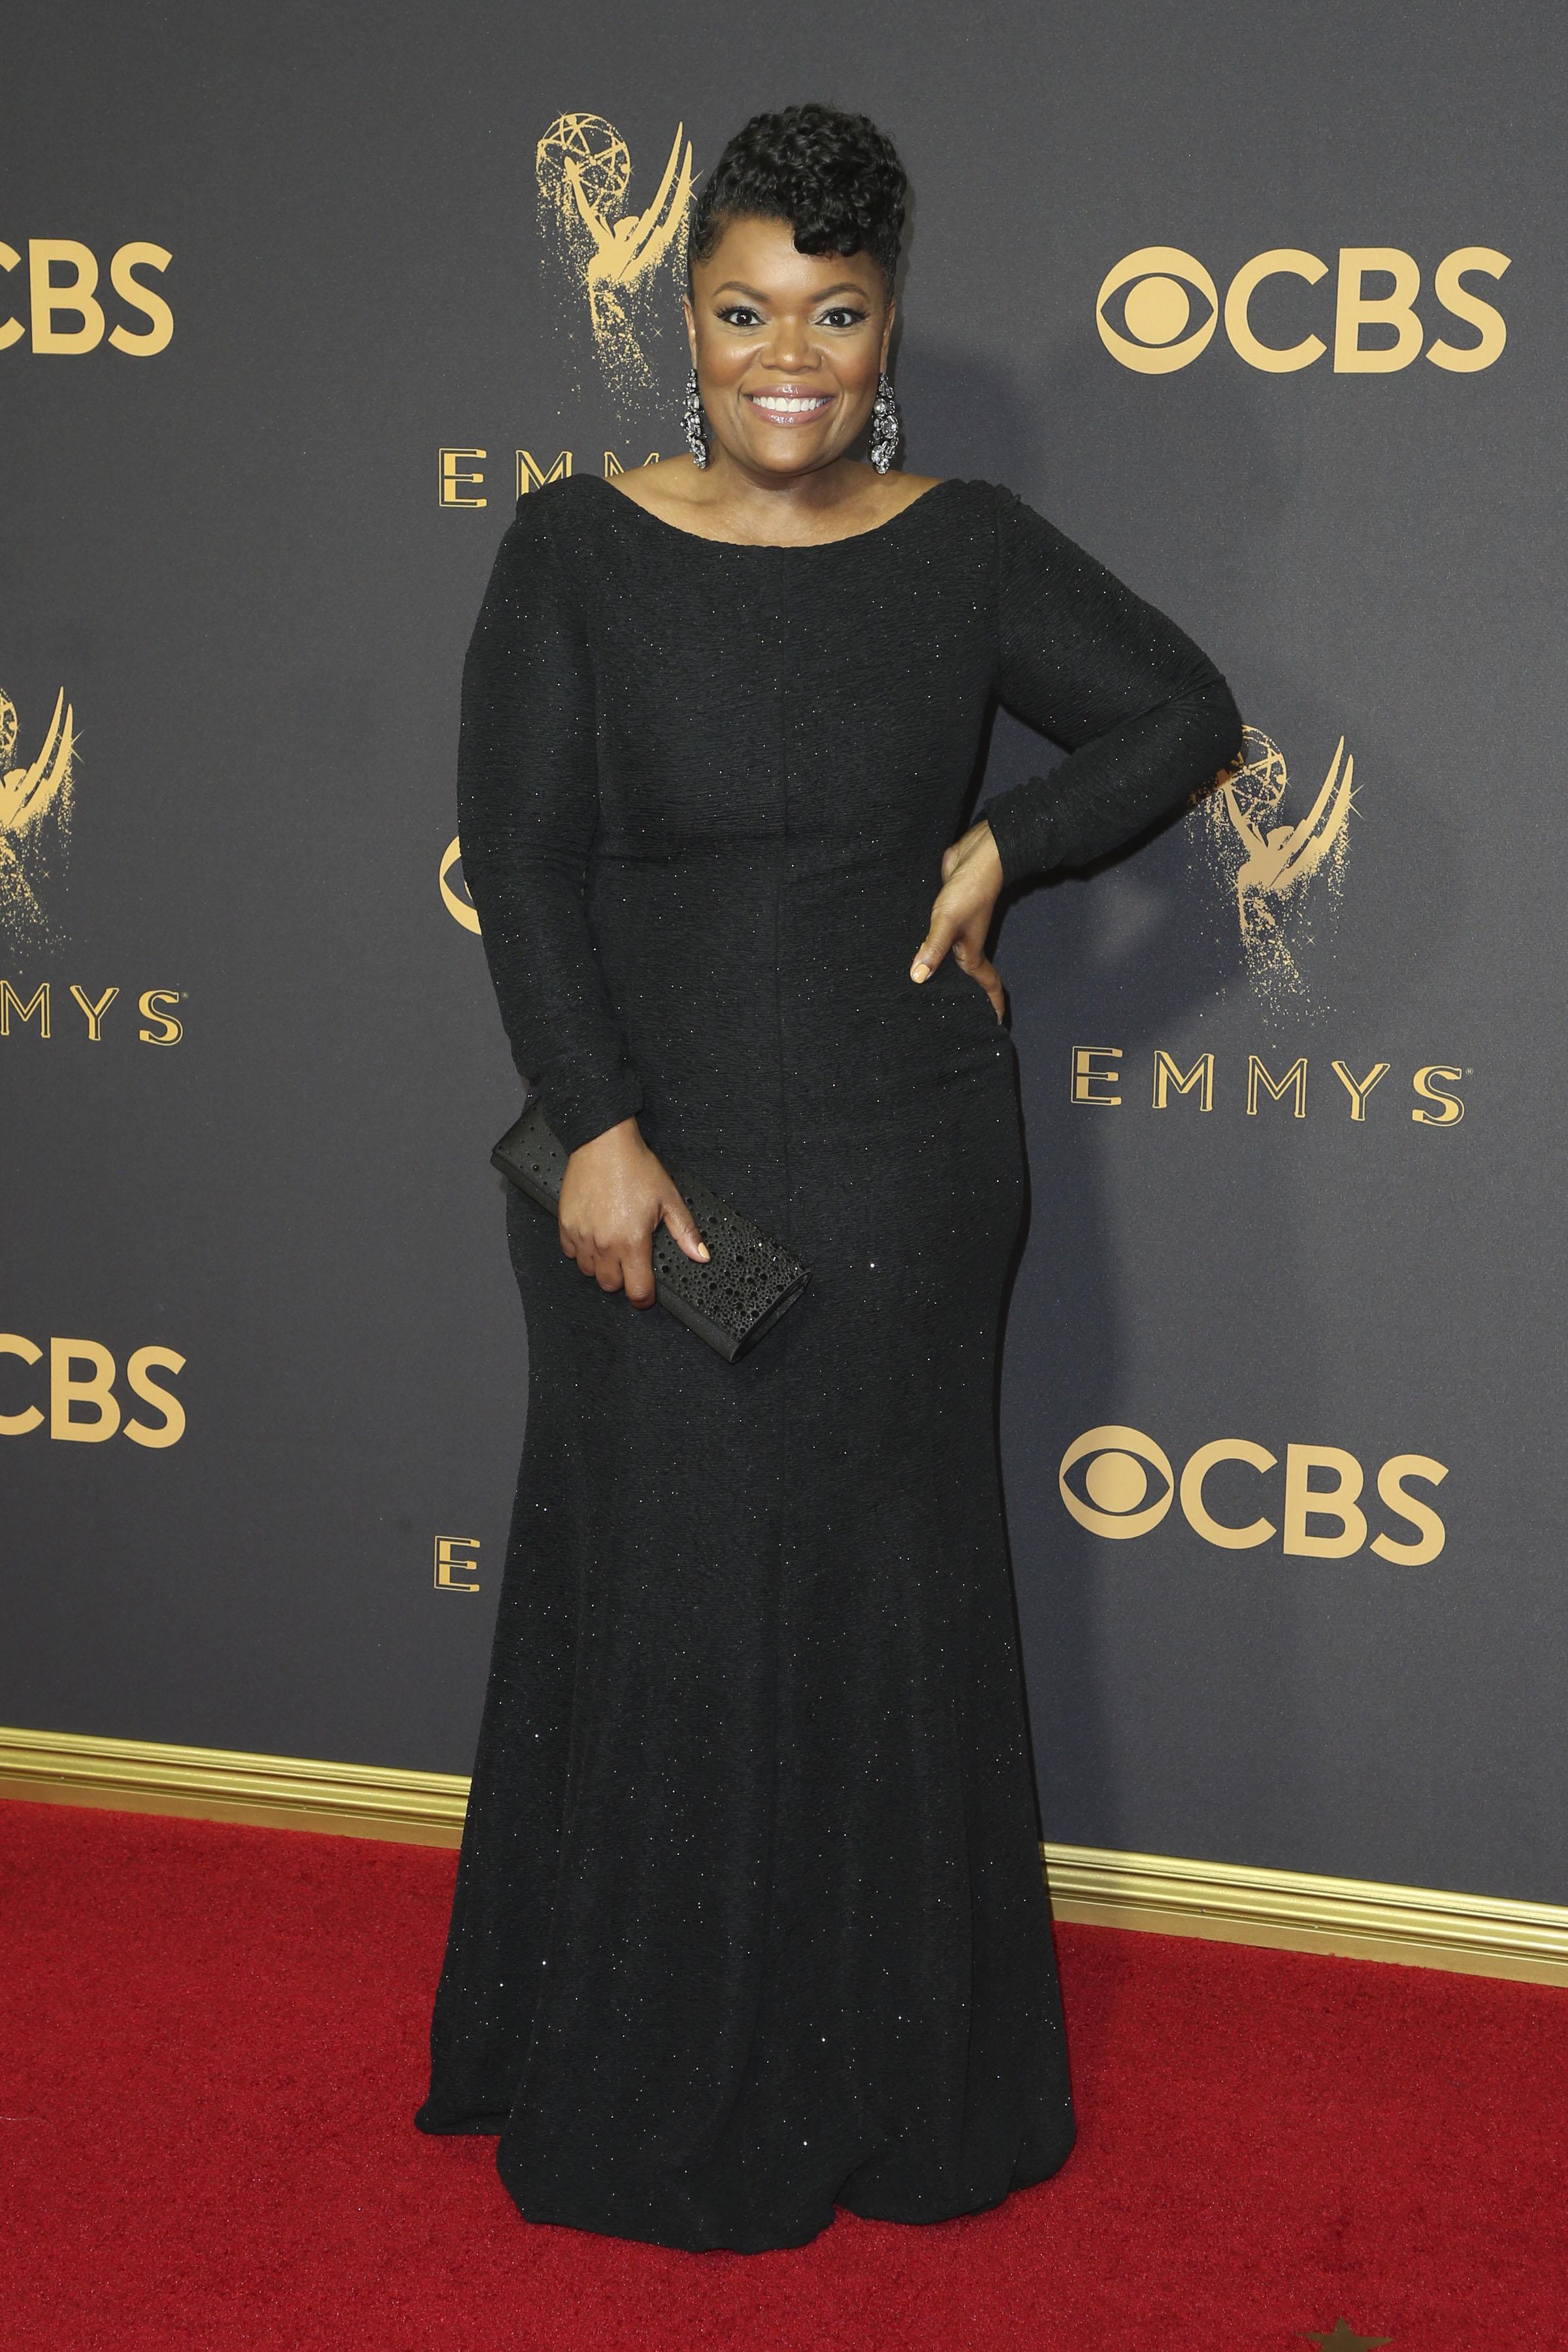 Yvette Brown